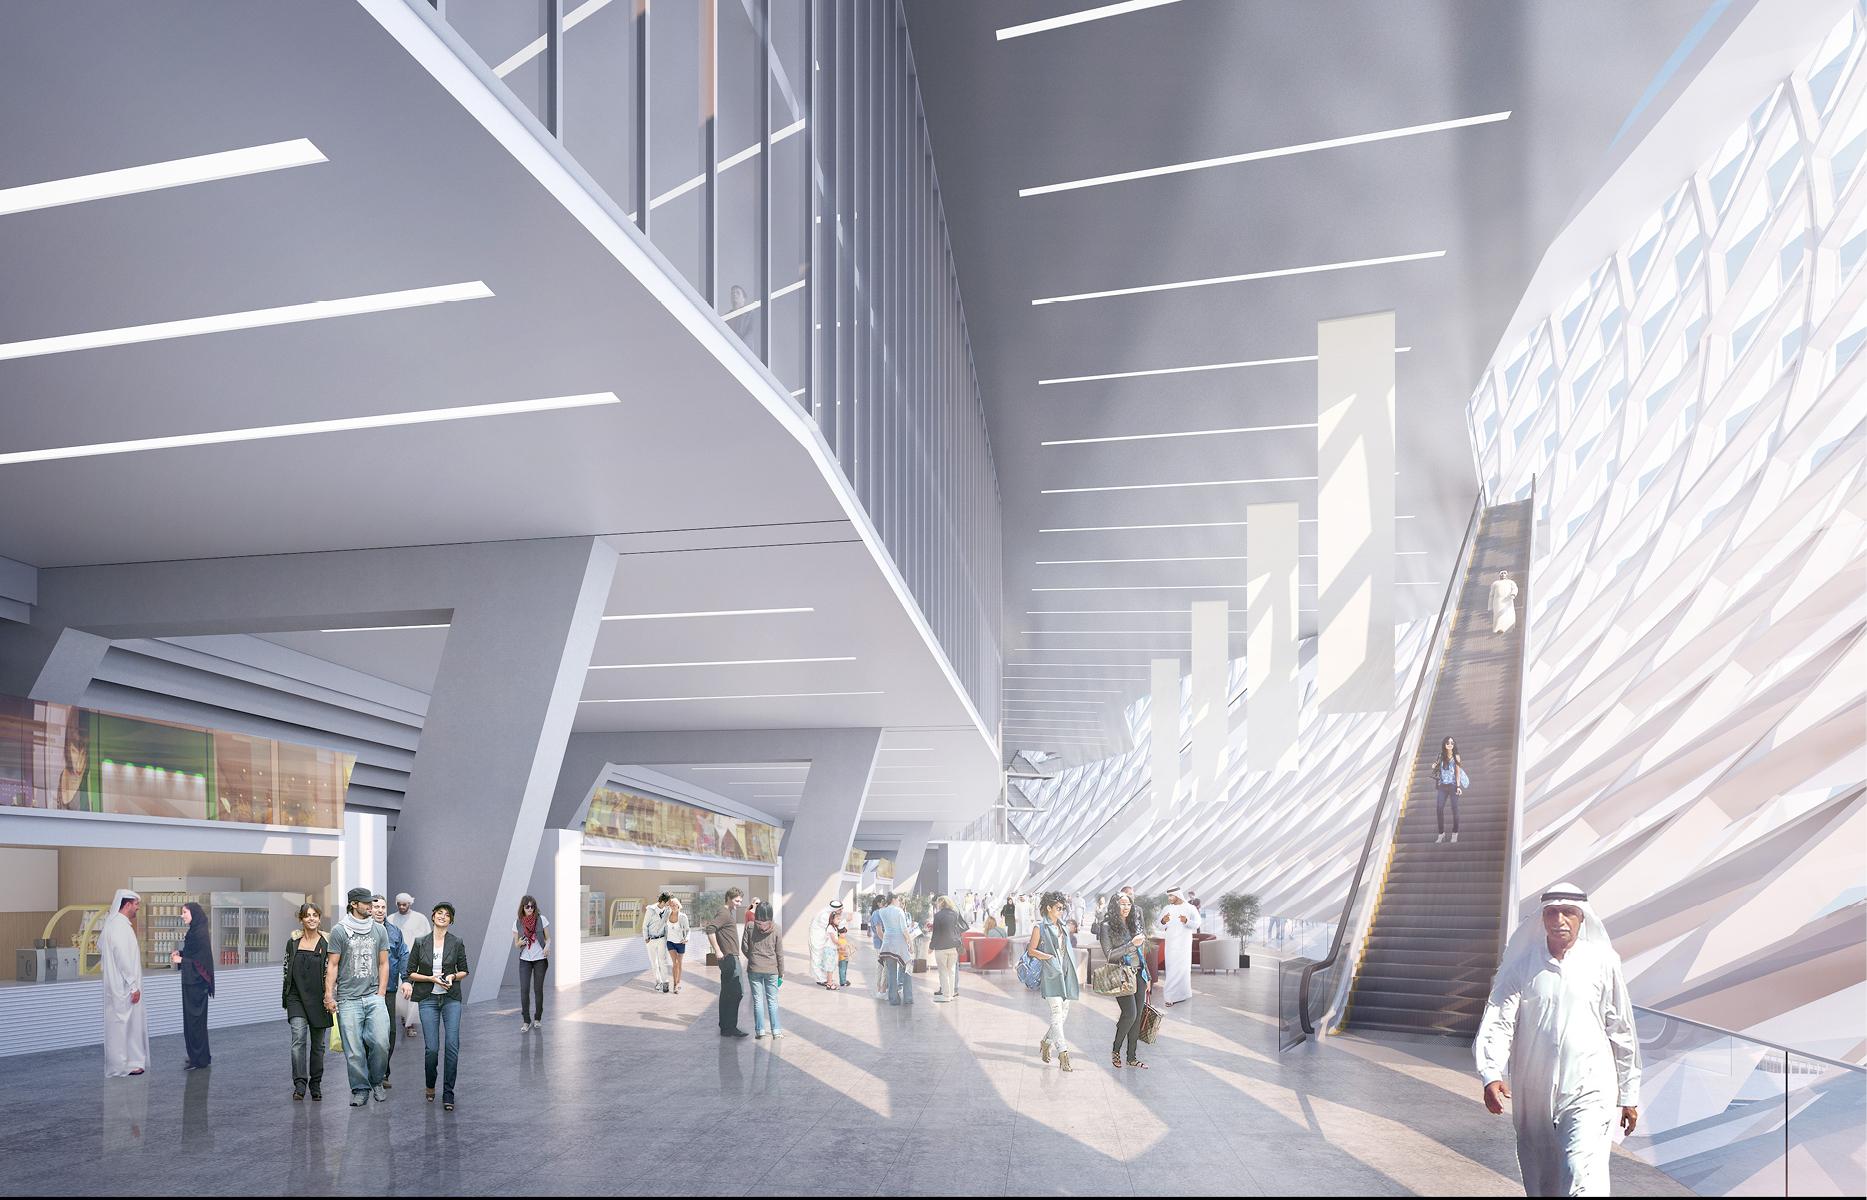 Частью спортивного кластера станет музей спортивной истории Дубая площадью 1,5 тыс. кв. м. Что будет экспонироваться в музее, не сообщается